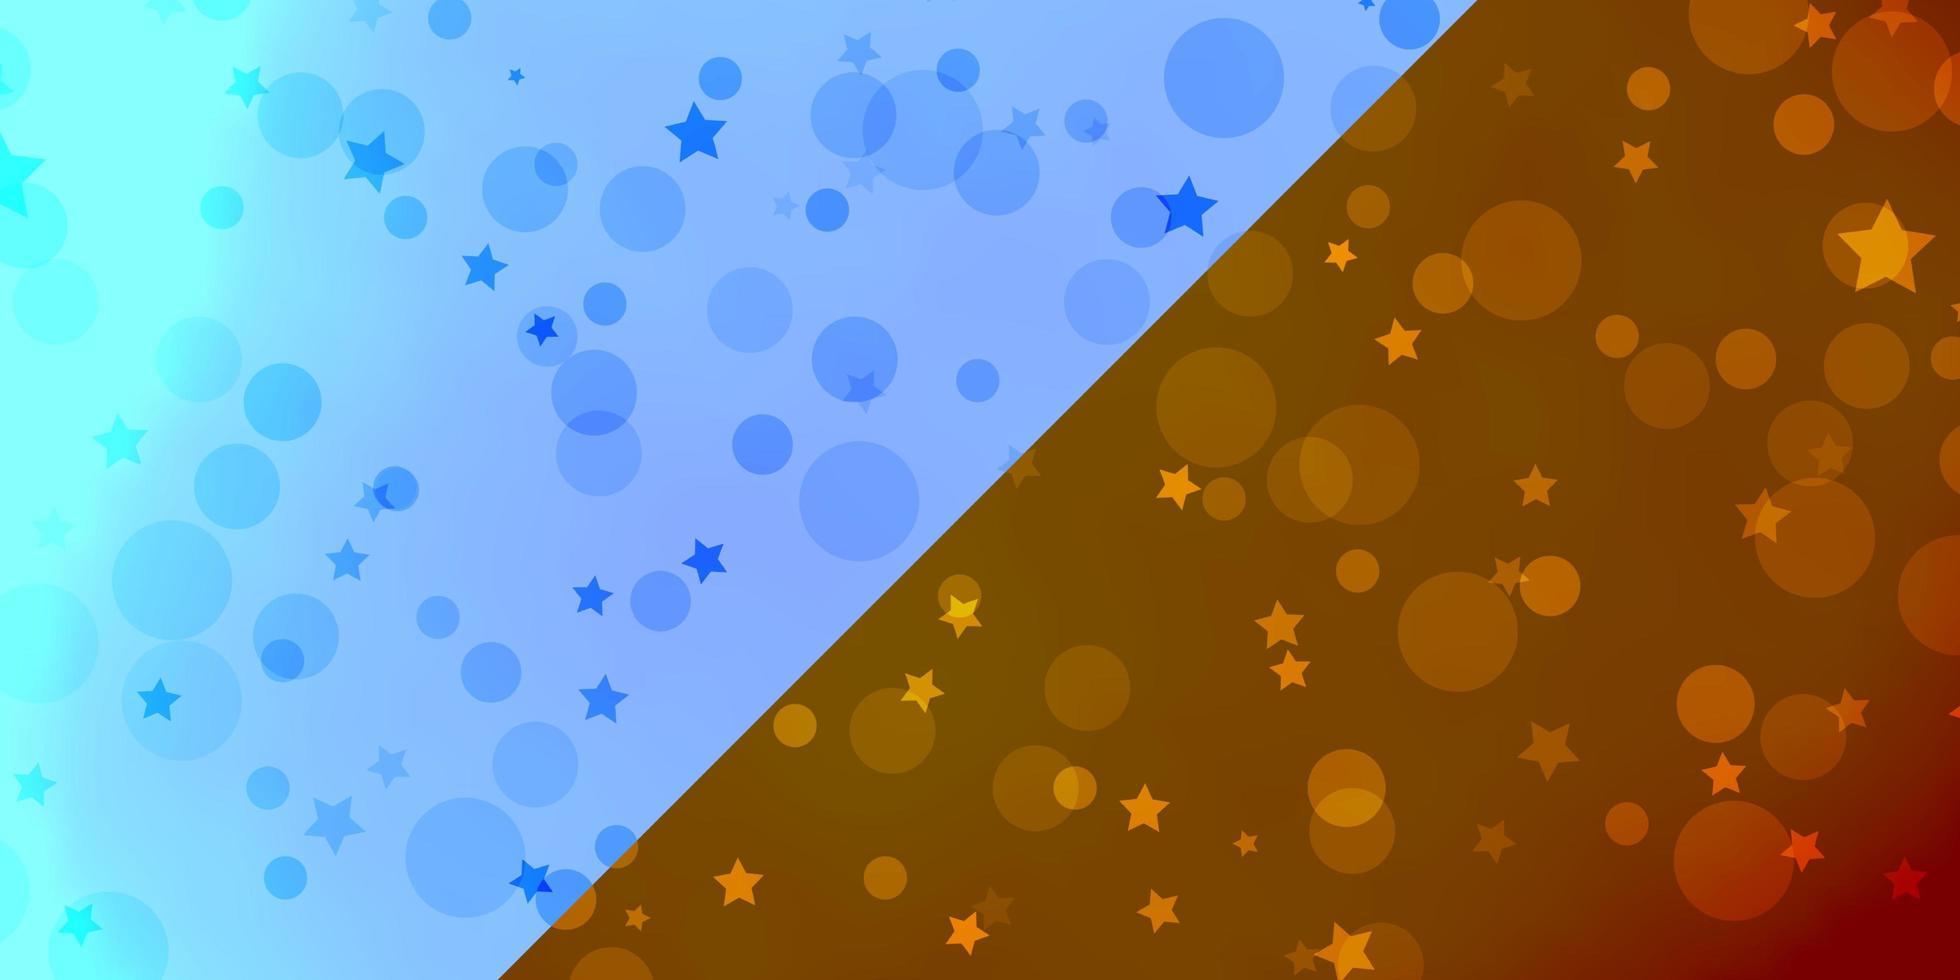 patrón de vector con círculos, estrellas.